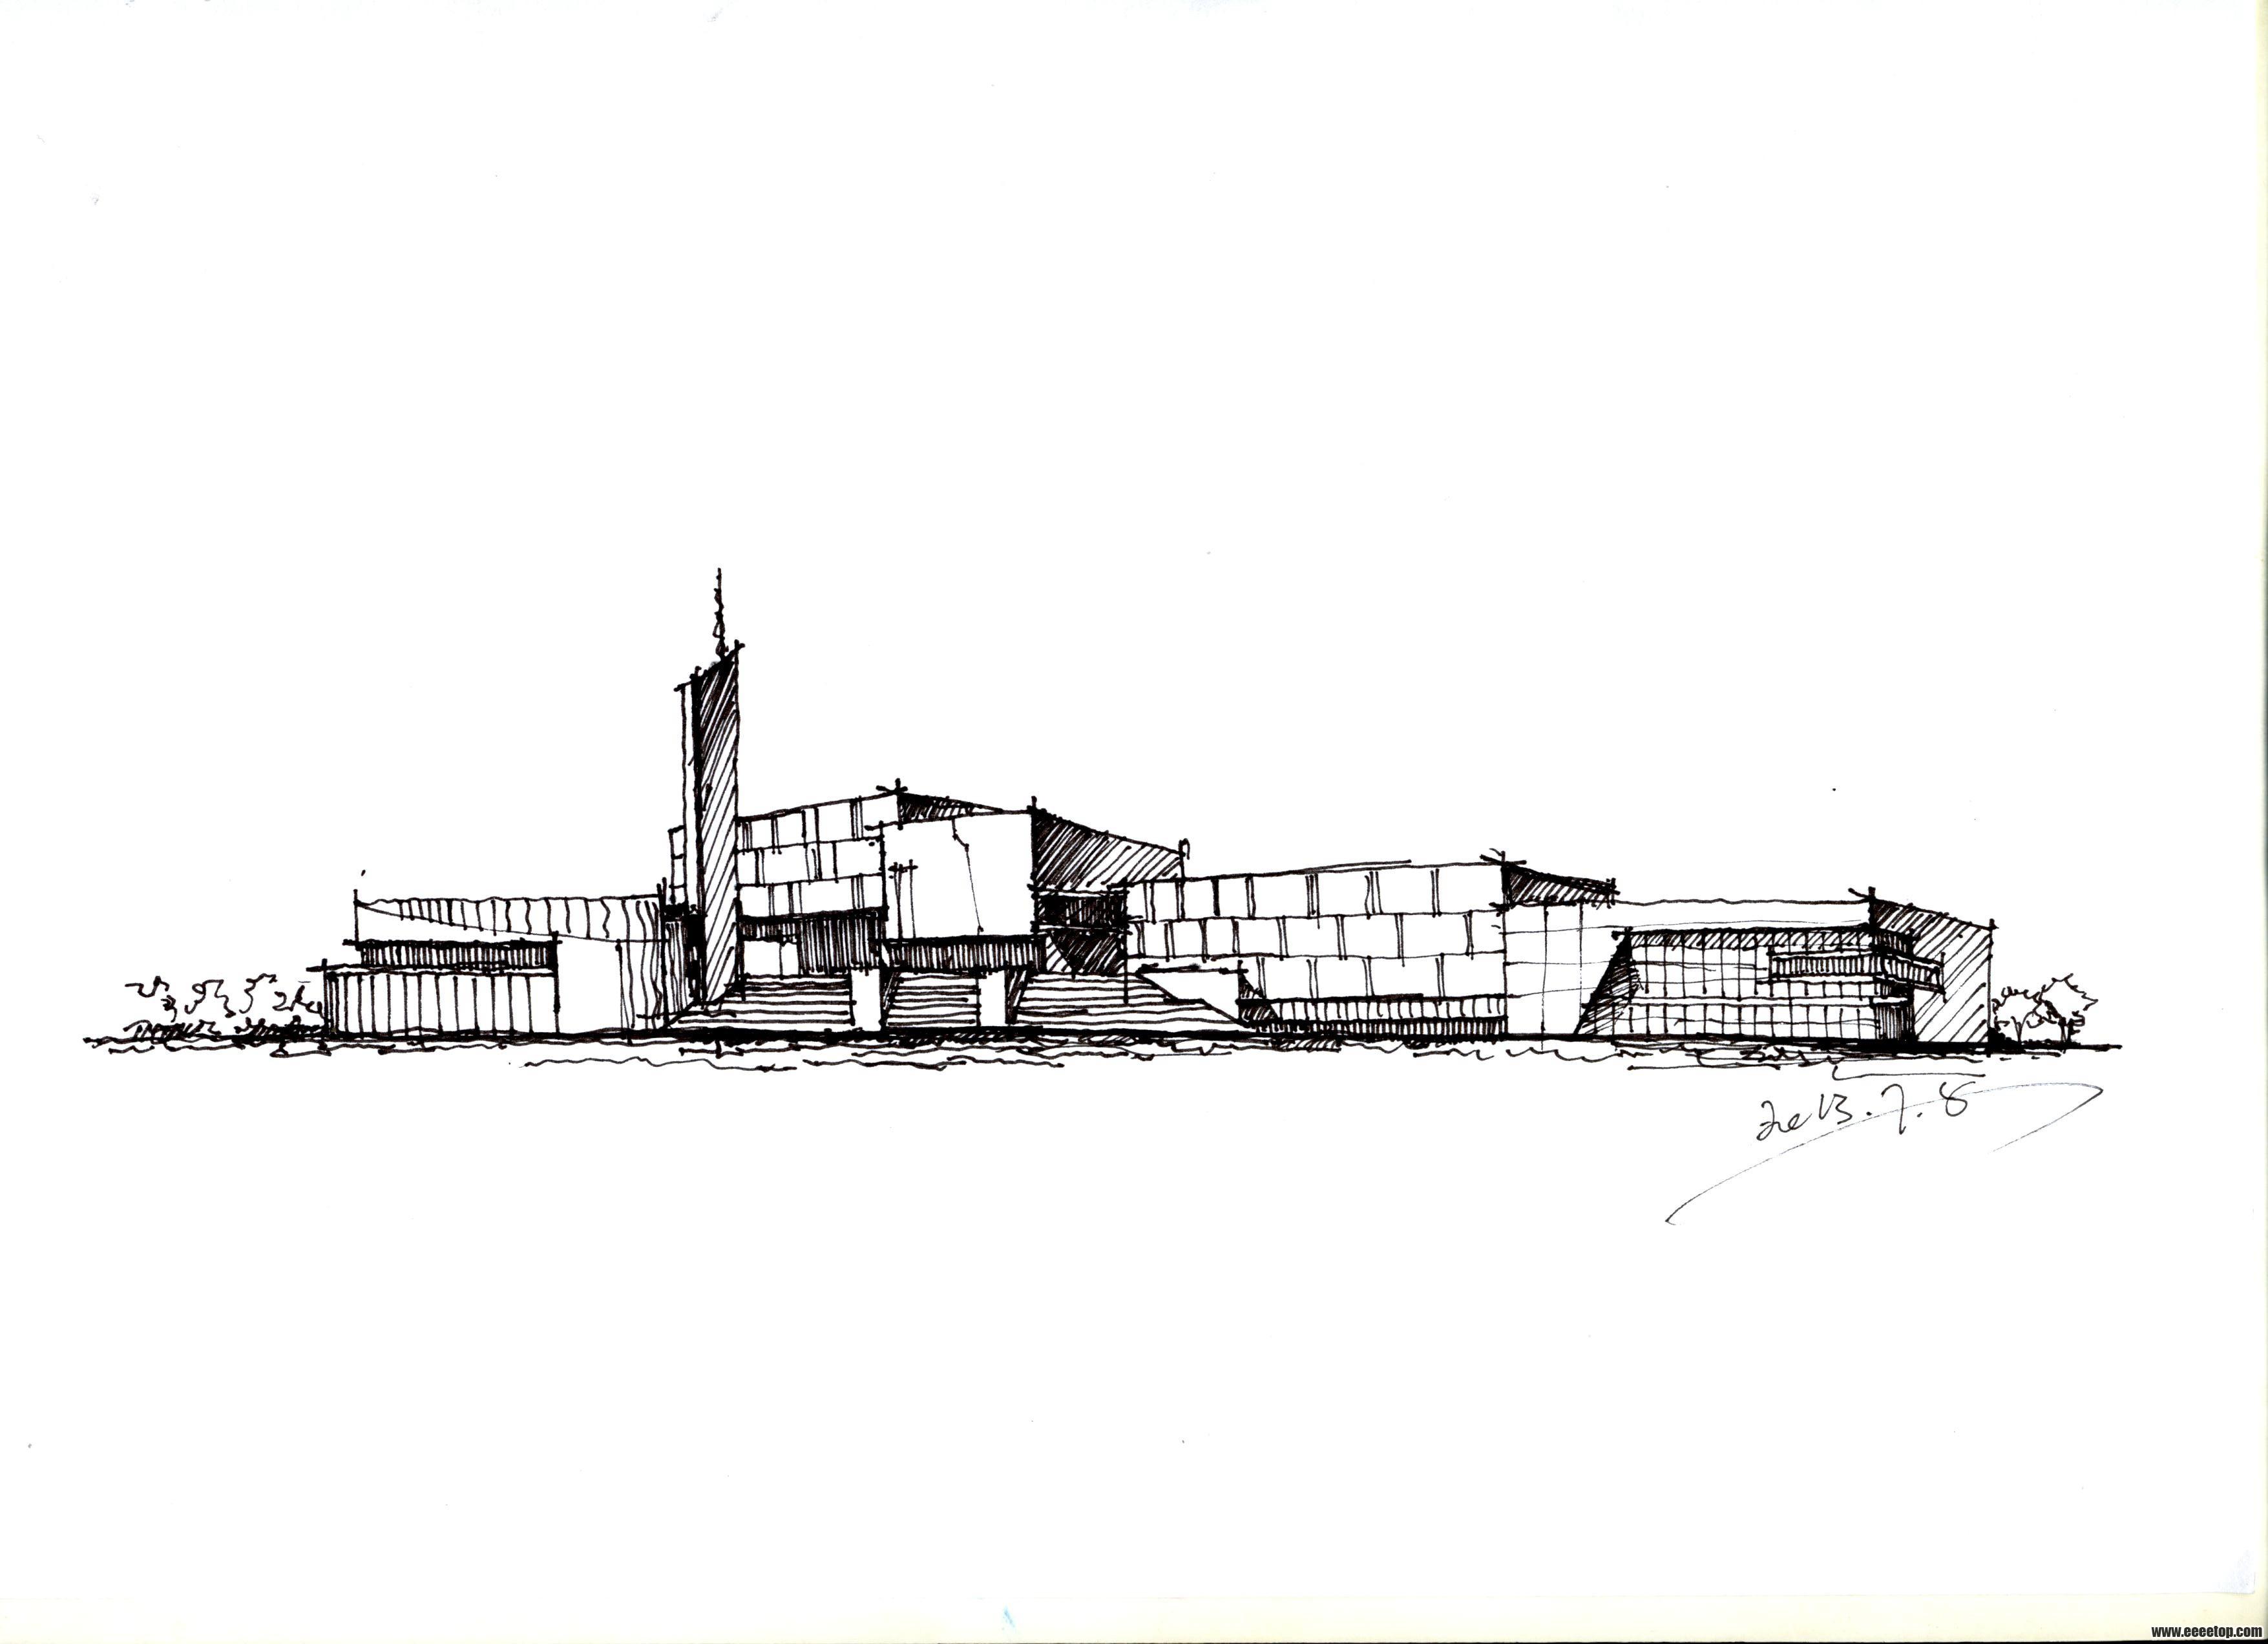 空闲时间临摹的建筑手绘